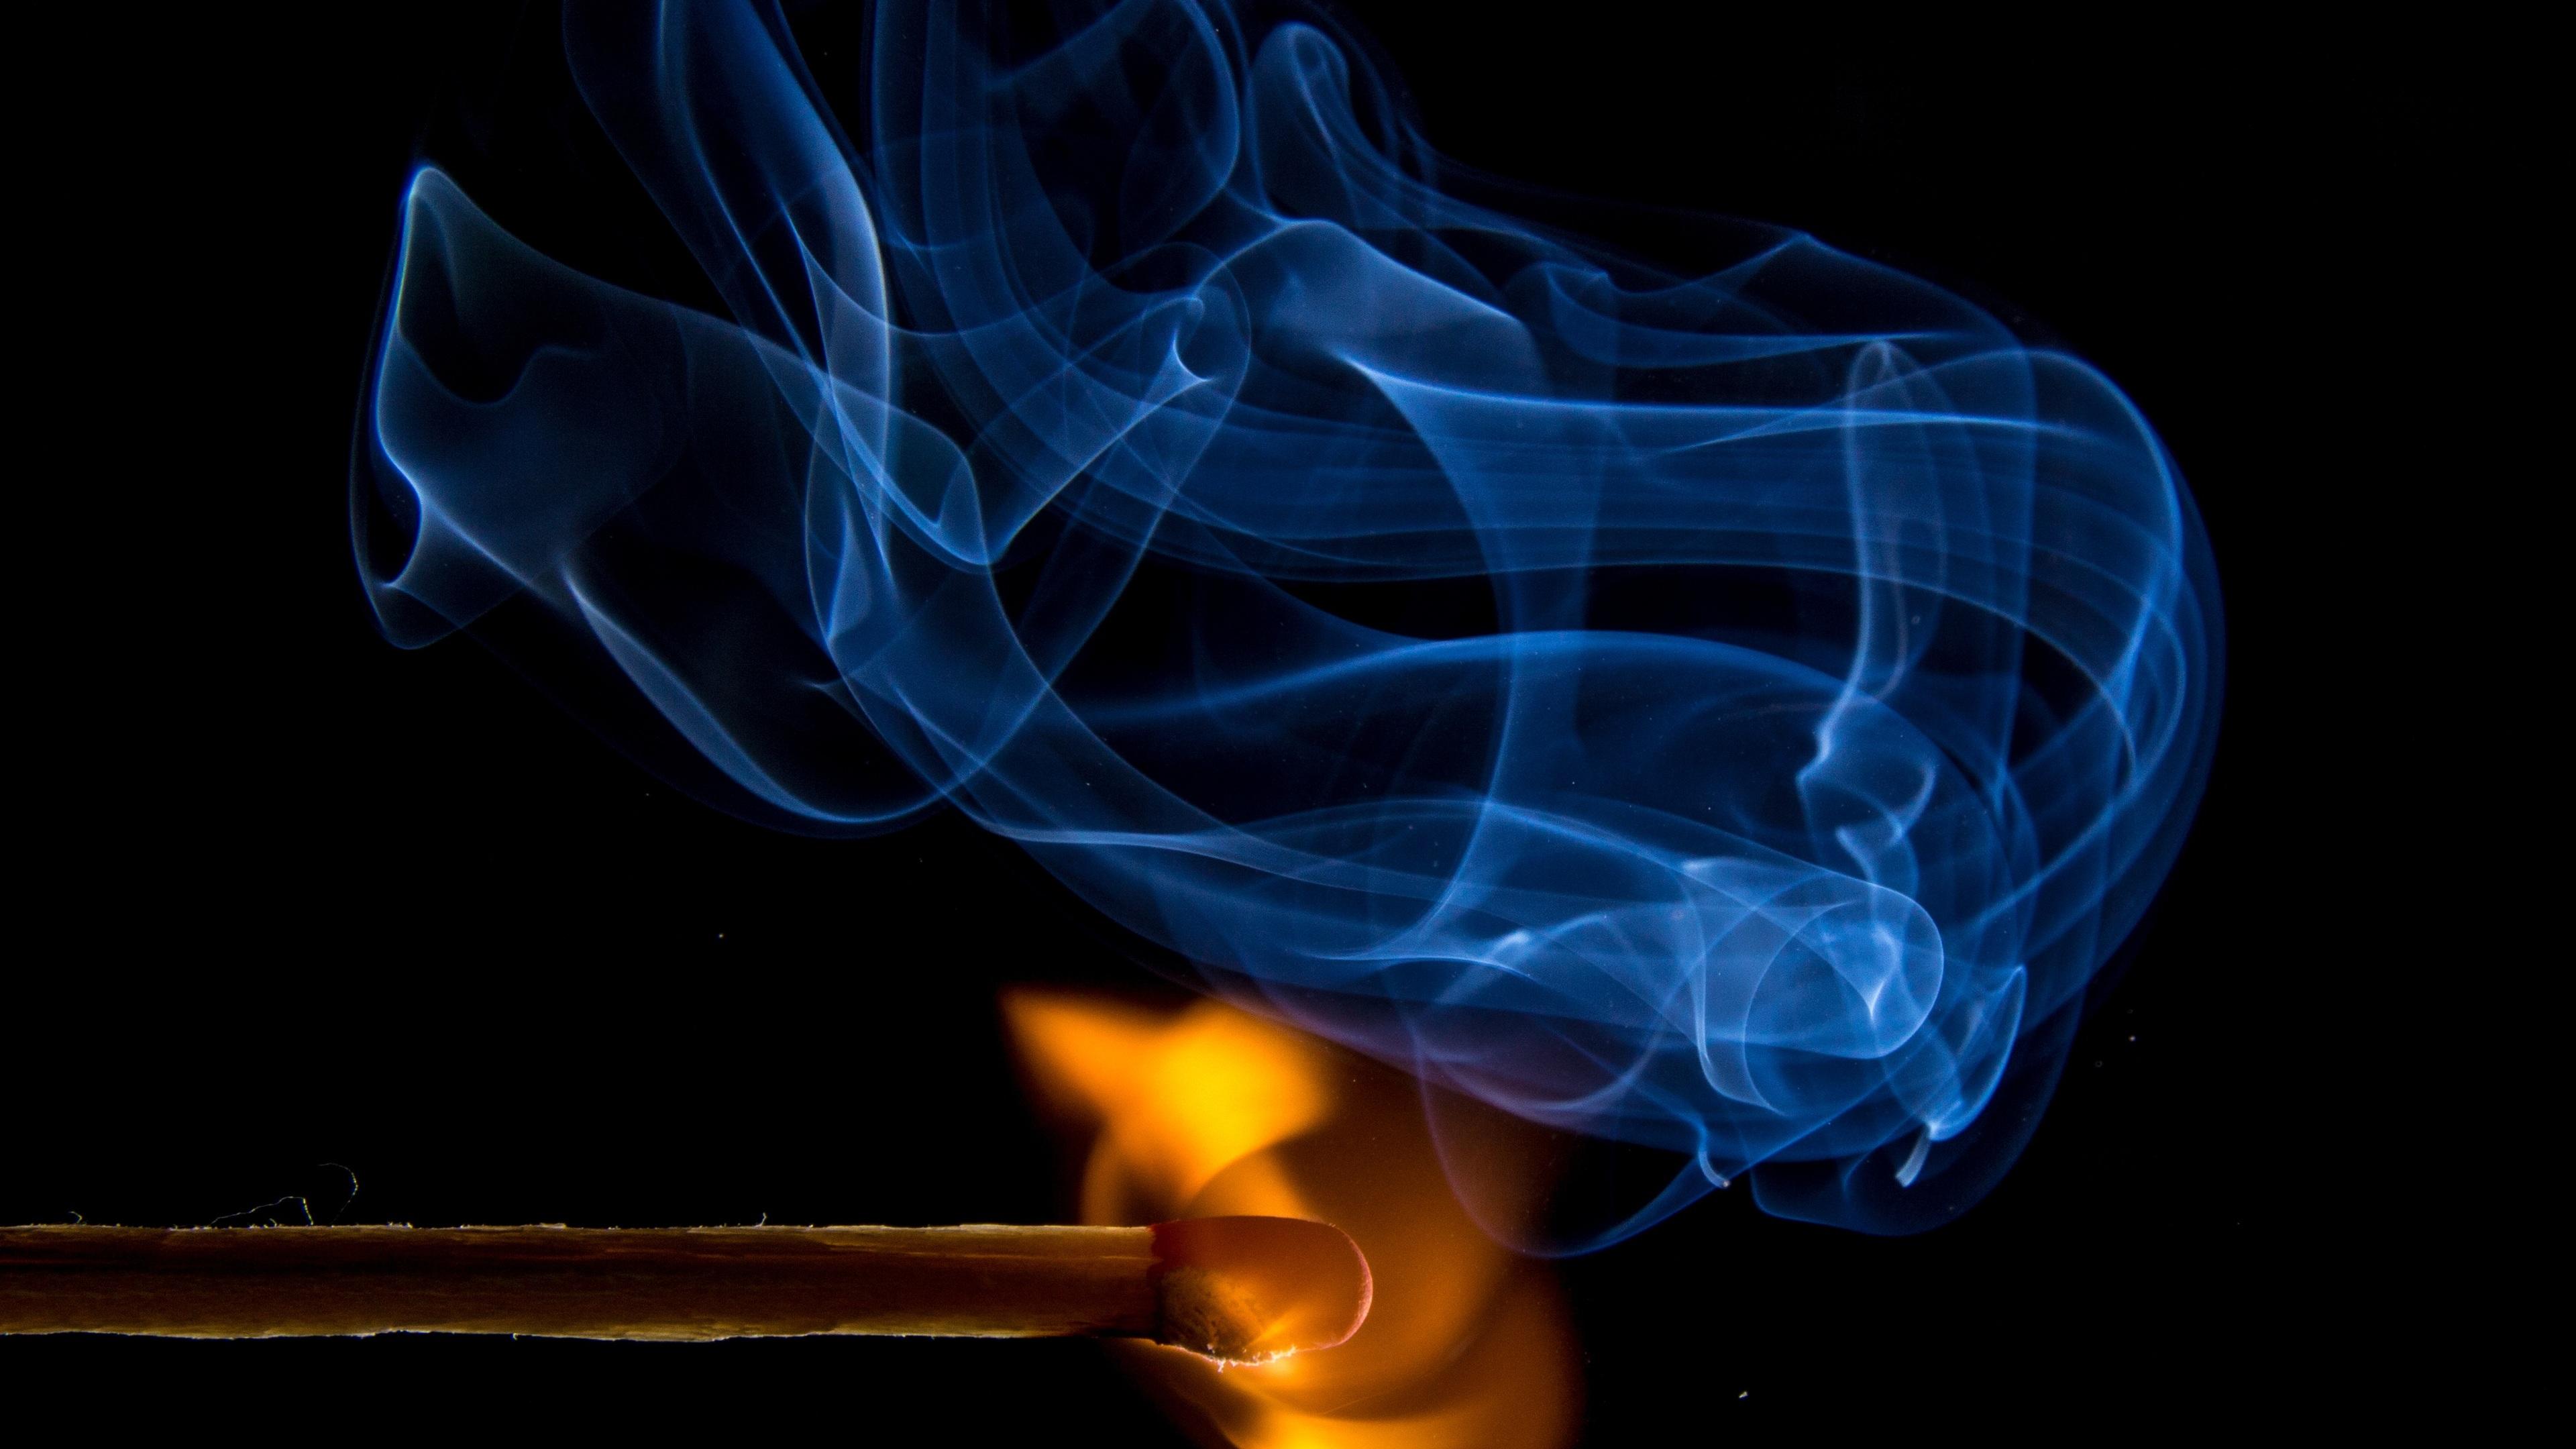 Wallpaper 4k Fire Match Flame 4k 4k Wallpapers Fire